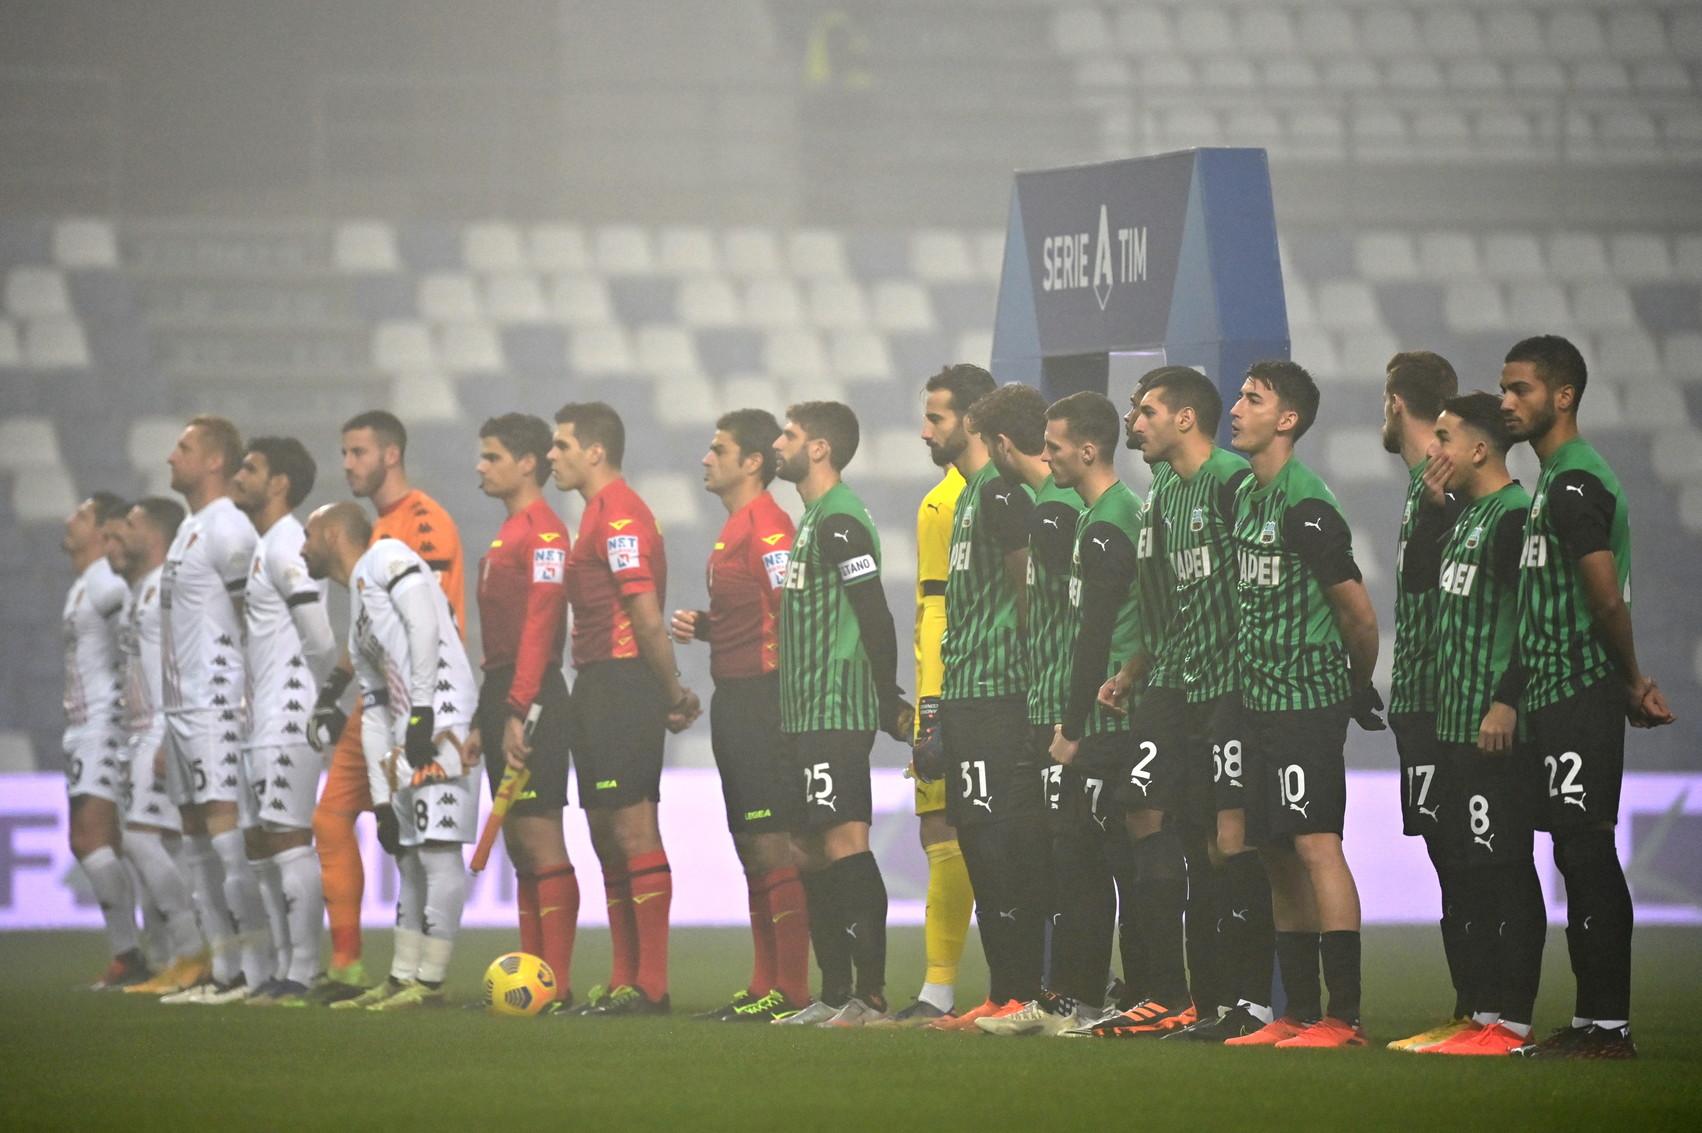 La Serie A Ricorda Paolo Rossi Minuto Di Silenzio E La Cronaca Di Martellini Foto Sportmediaset